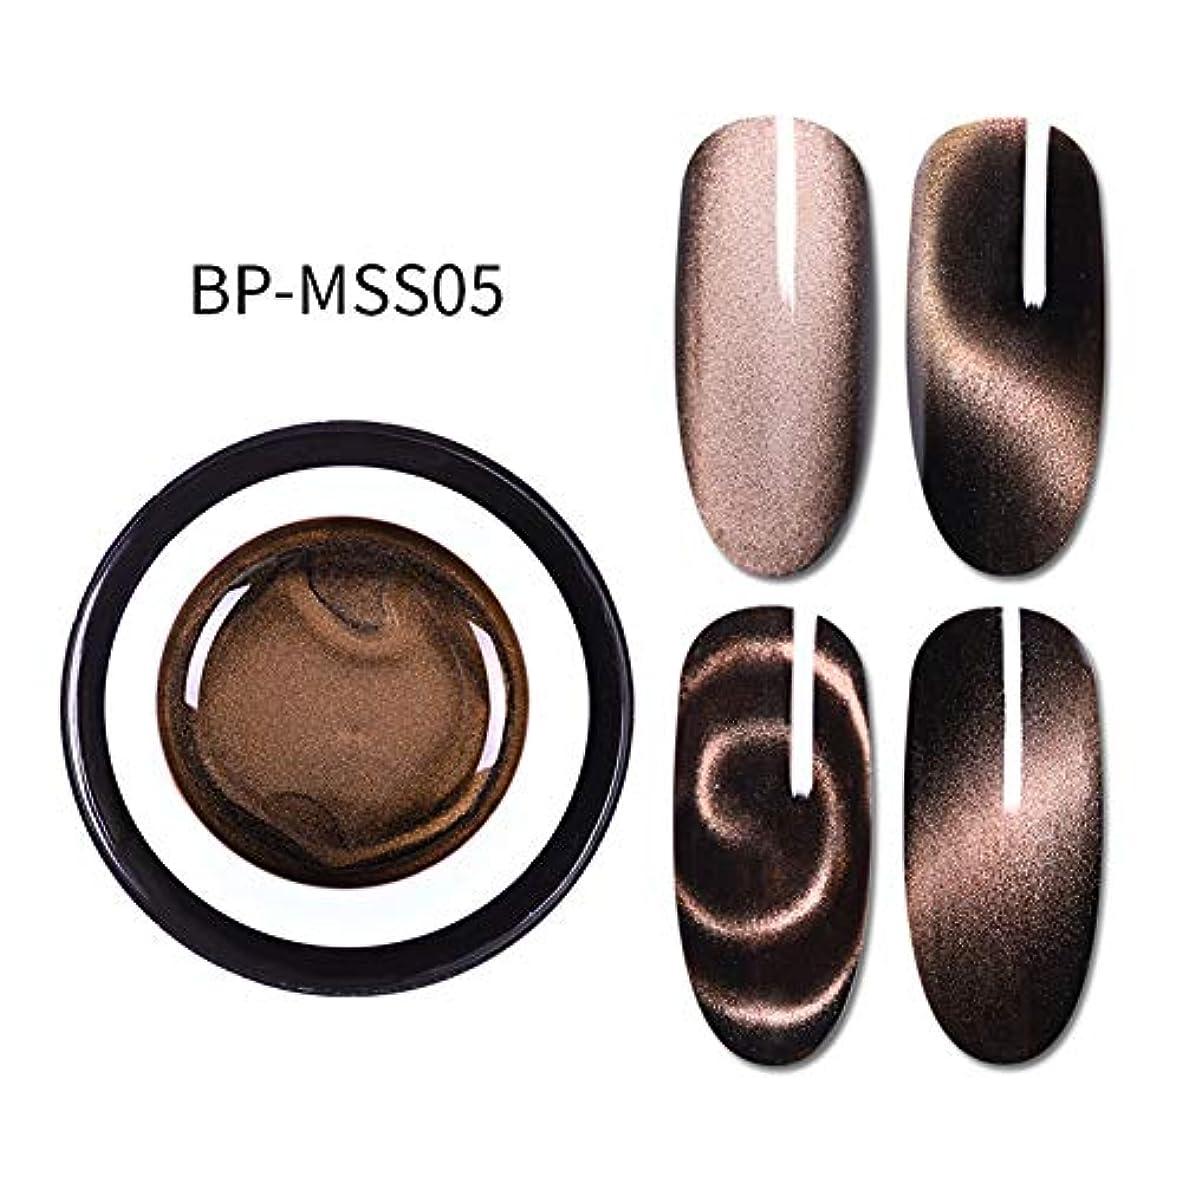 シュリンクベール伝導hamulekfae-5D磁気キャットアイジェルポリッシュUVネイルアートロングラスティングワニスラッカー 5